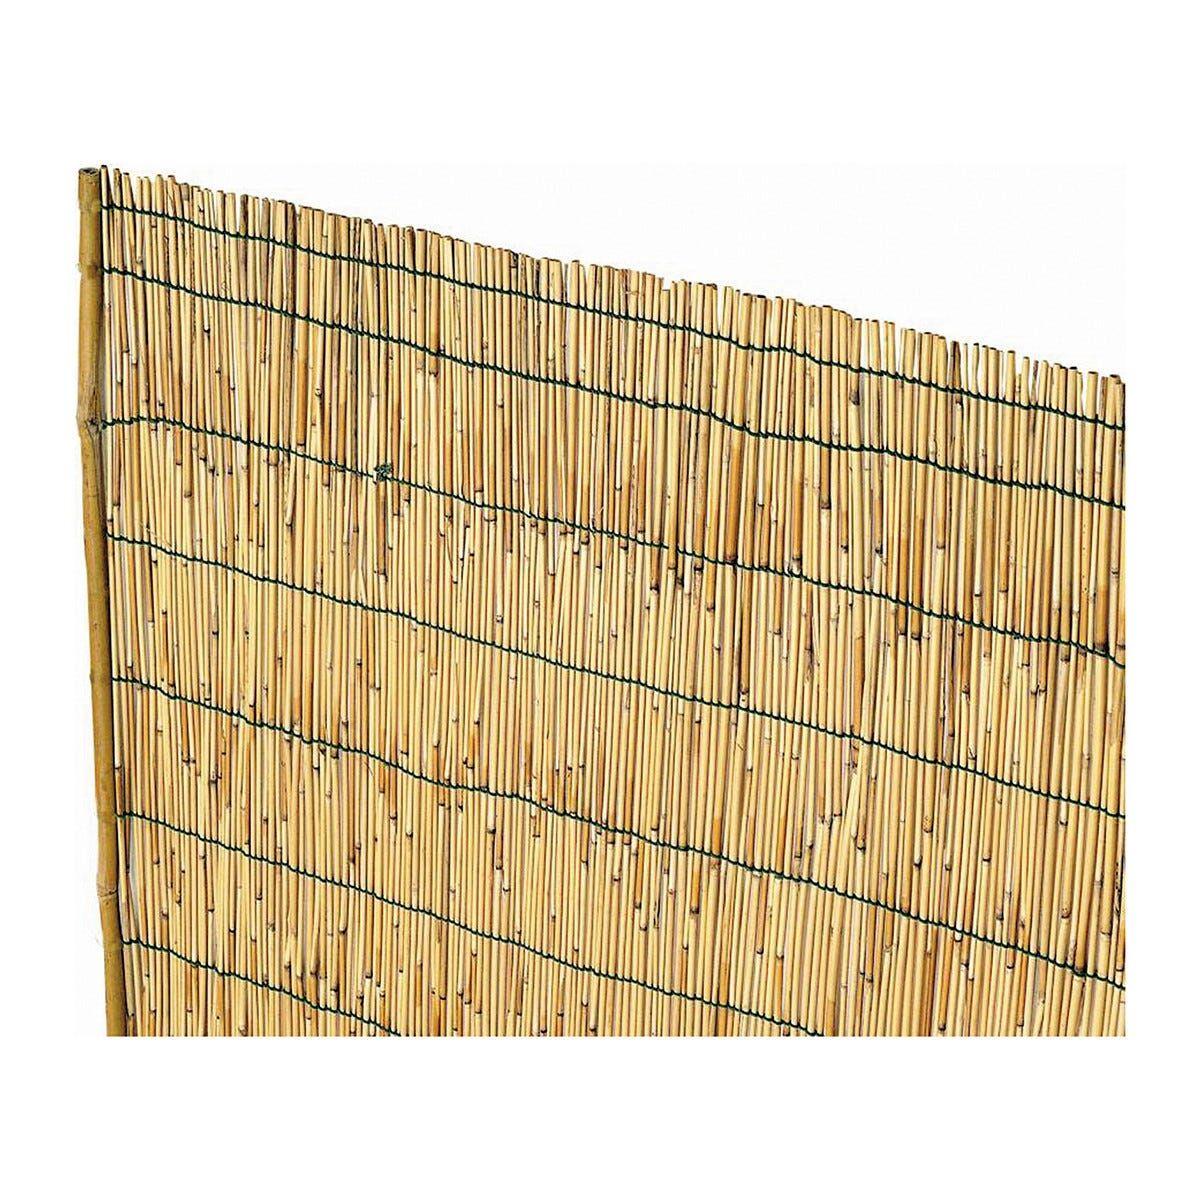 Arella In Cannette Di Bambu' Pelato 3x5m Ø Circa 4-5 Mm Con Filo Nylon Prodotto Naturale